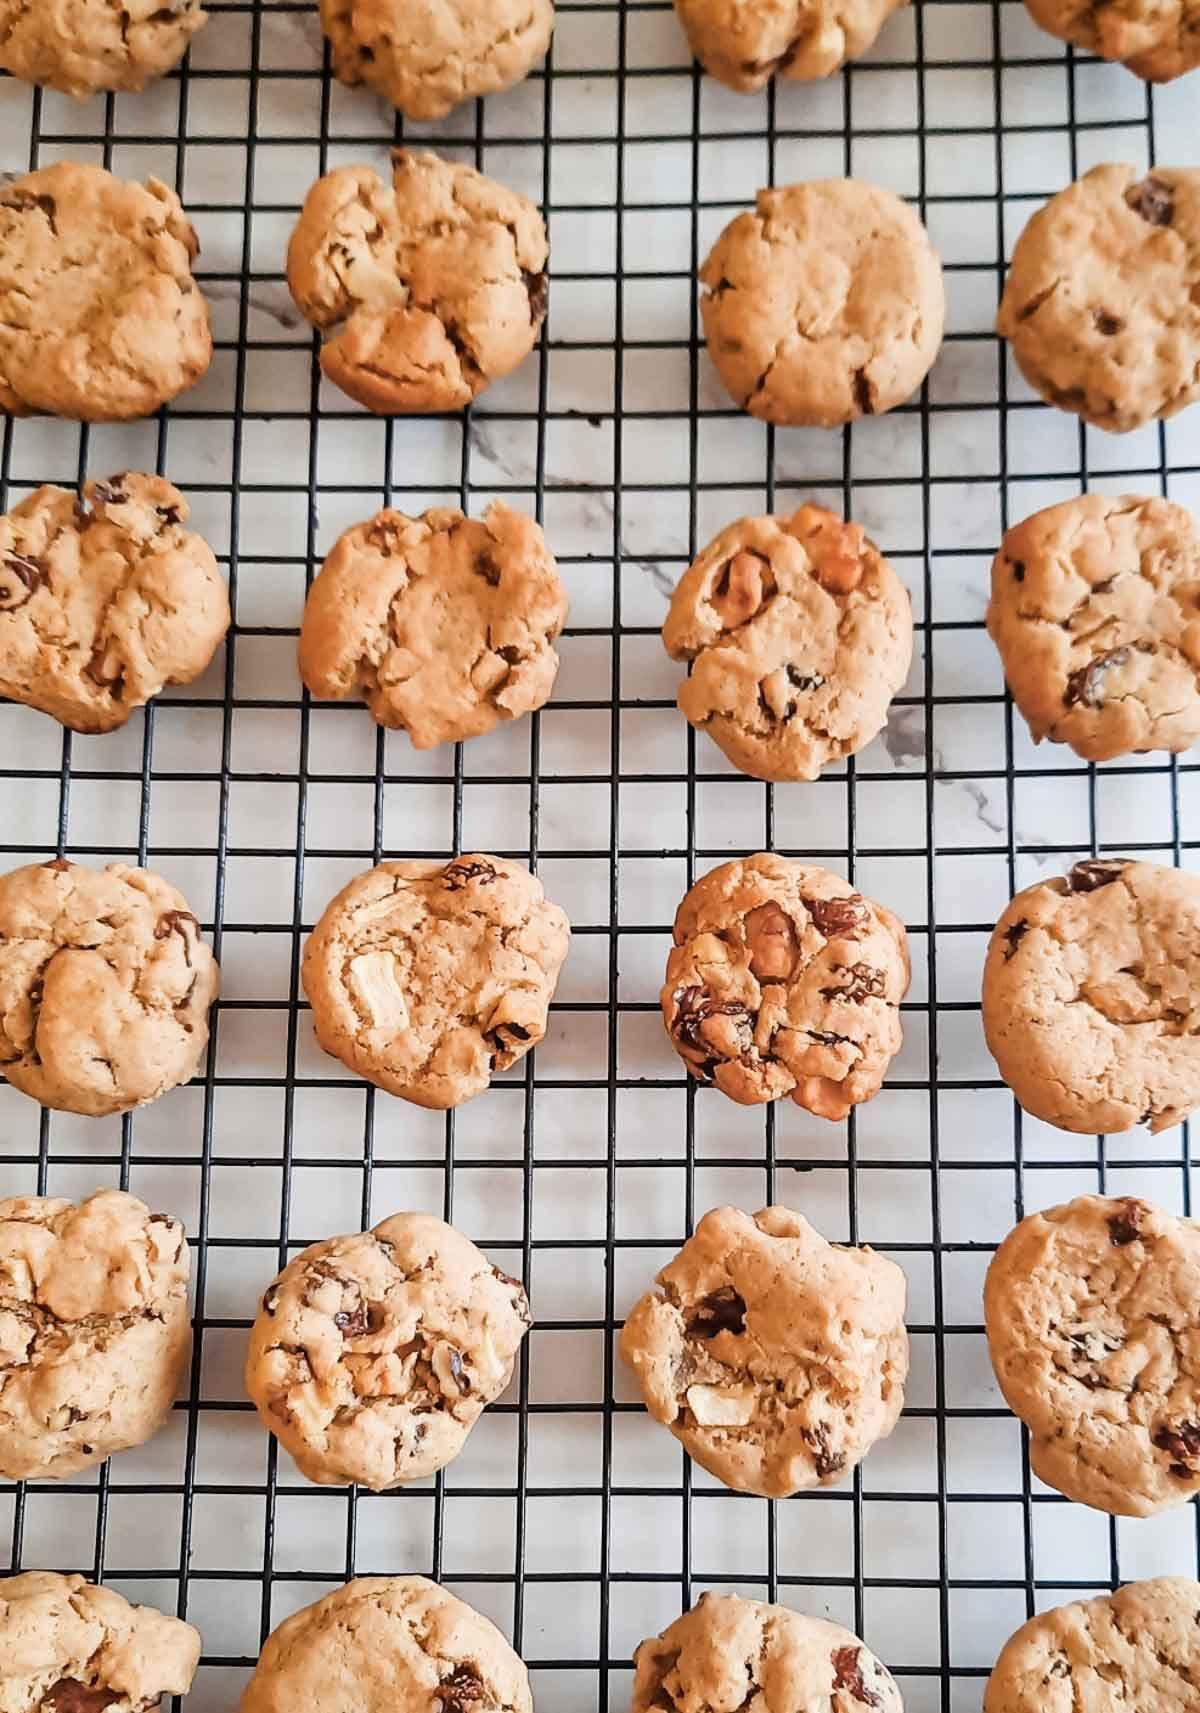 Apple raisin softie cookies on a baking sheet